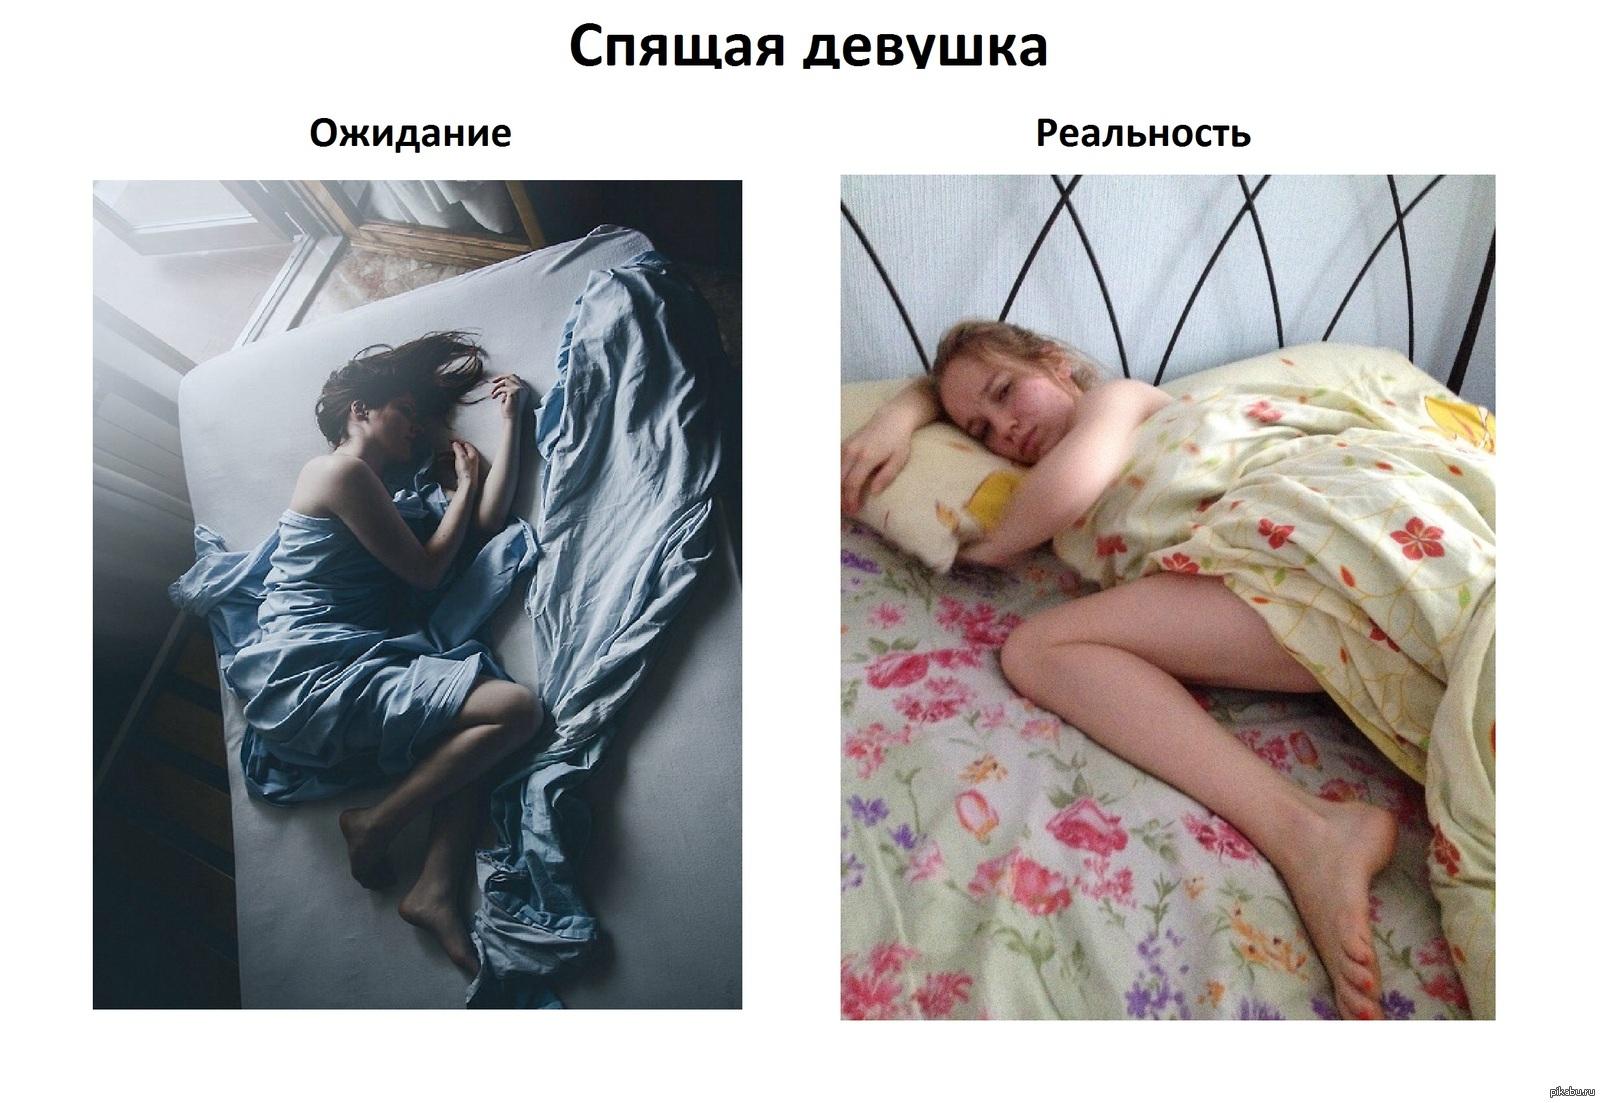 Смотрим пока девушка спит 1 фотография